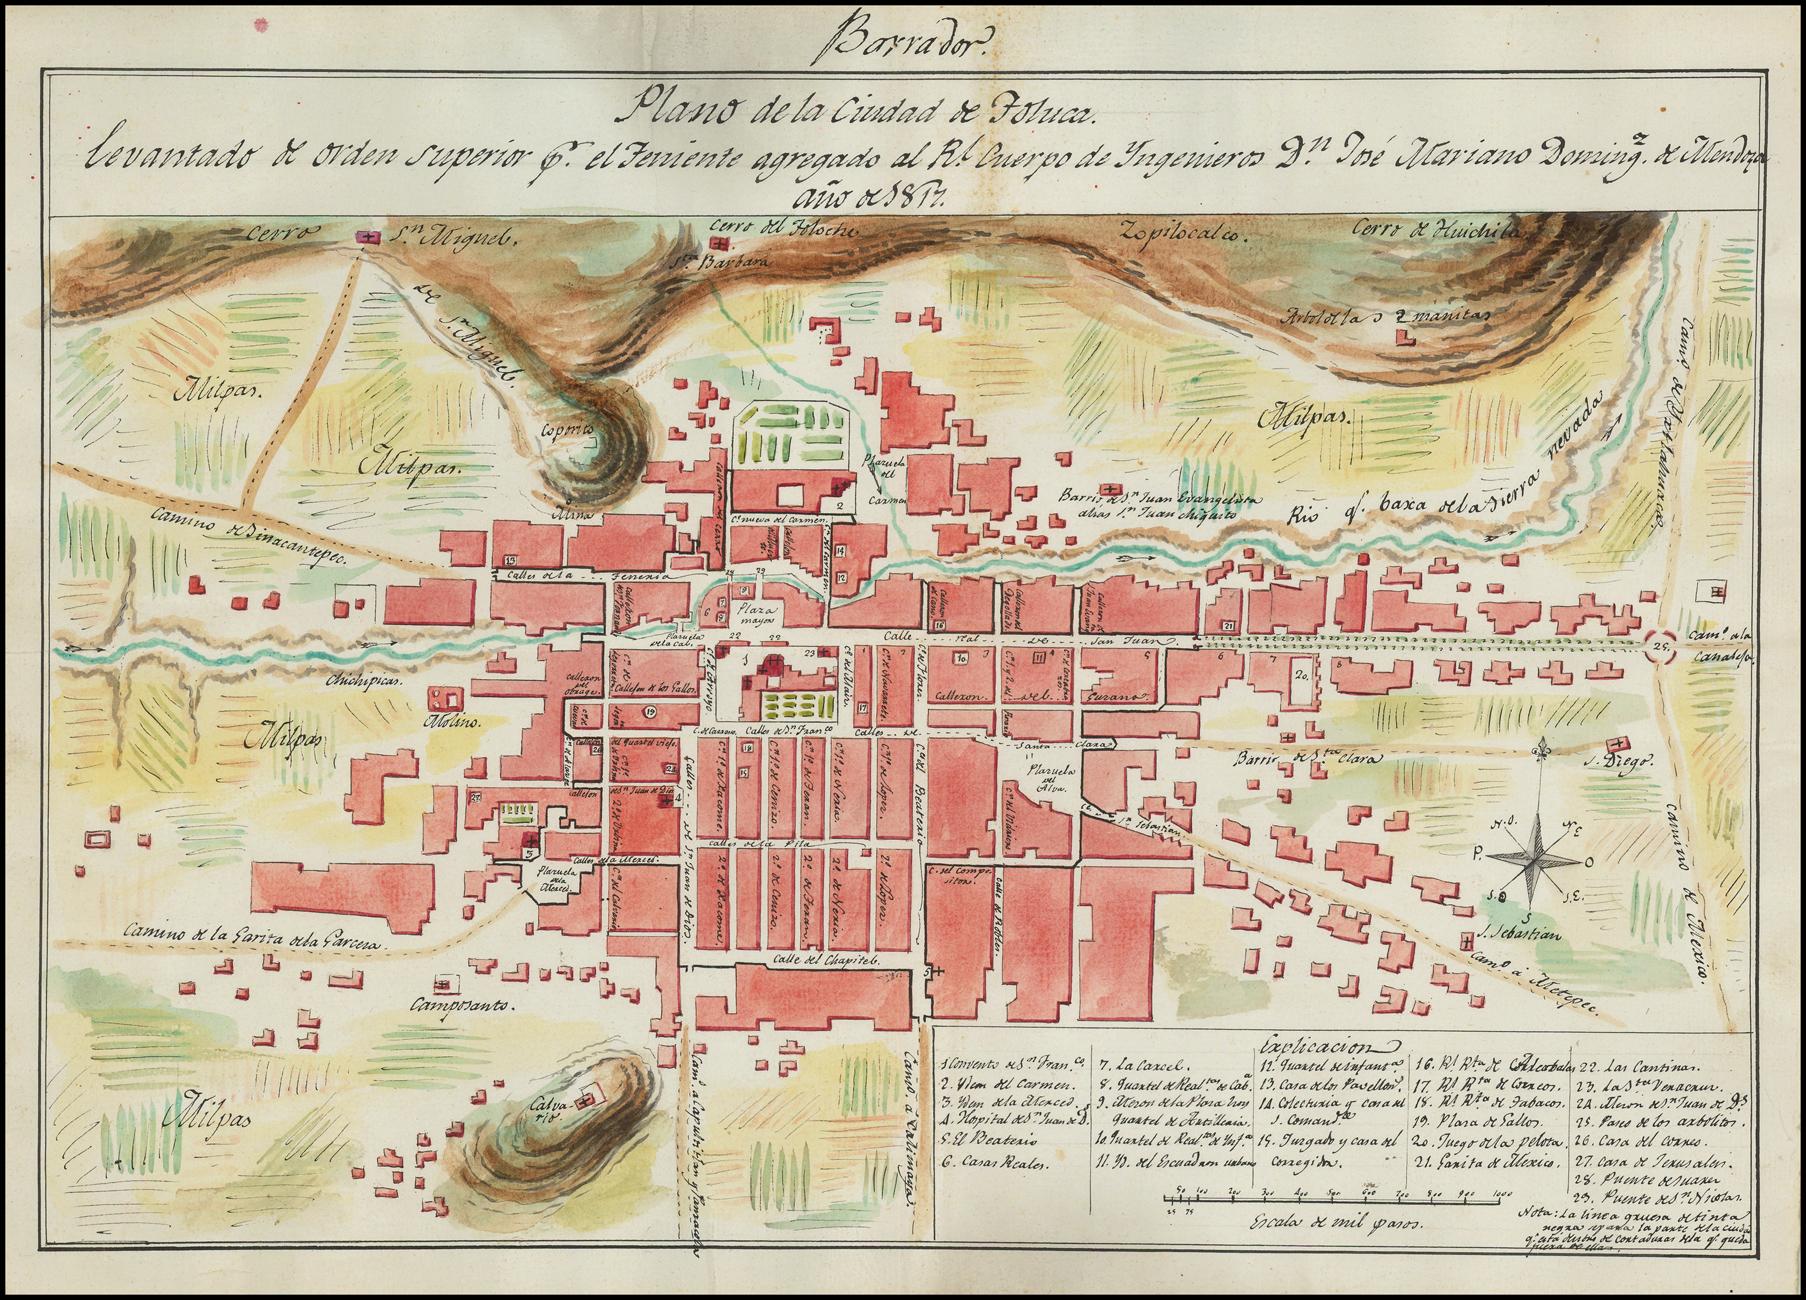 Planos de Guerra de Toluca del año 1817